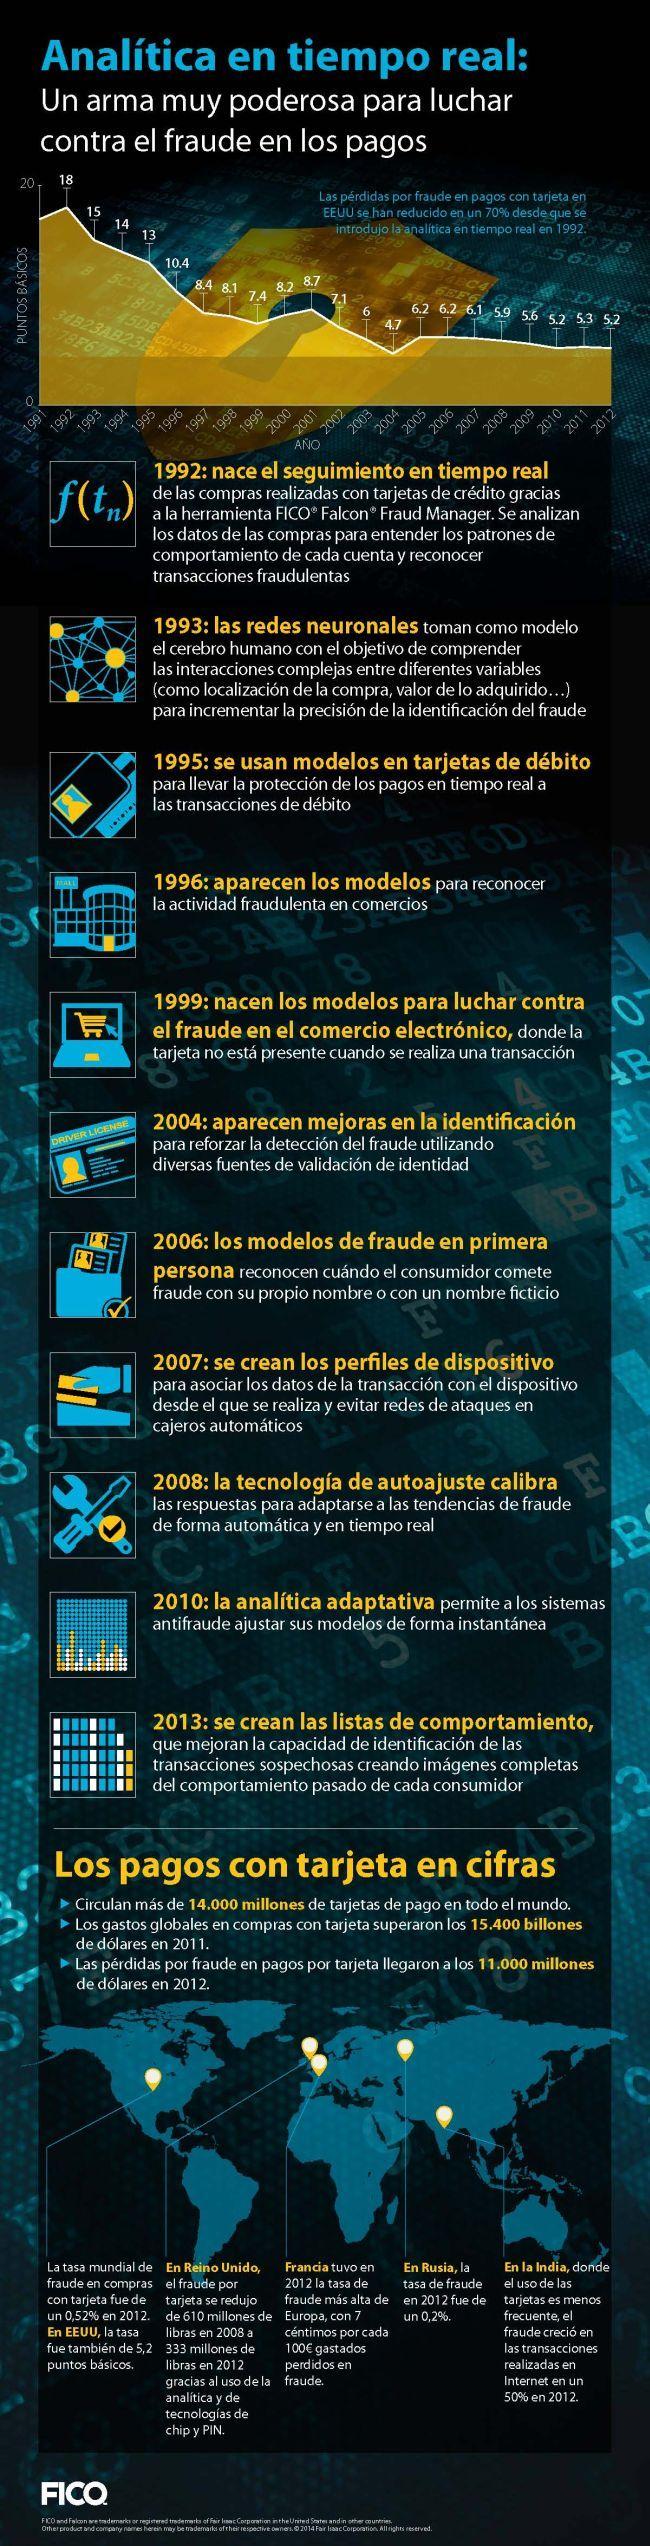 Cómo reducir el fraude en las entidades financieras gracias al Big Data. http://diarioti.com/como-reducir-el-fraude-en-las-entidades-financieras-gracias-al-big-data/76999